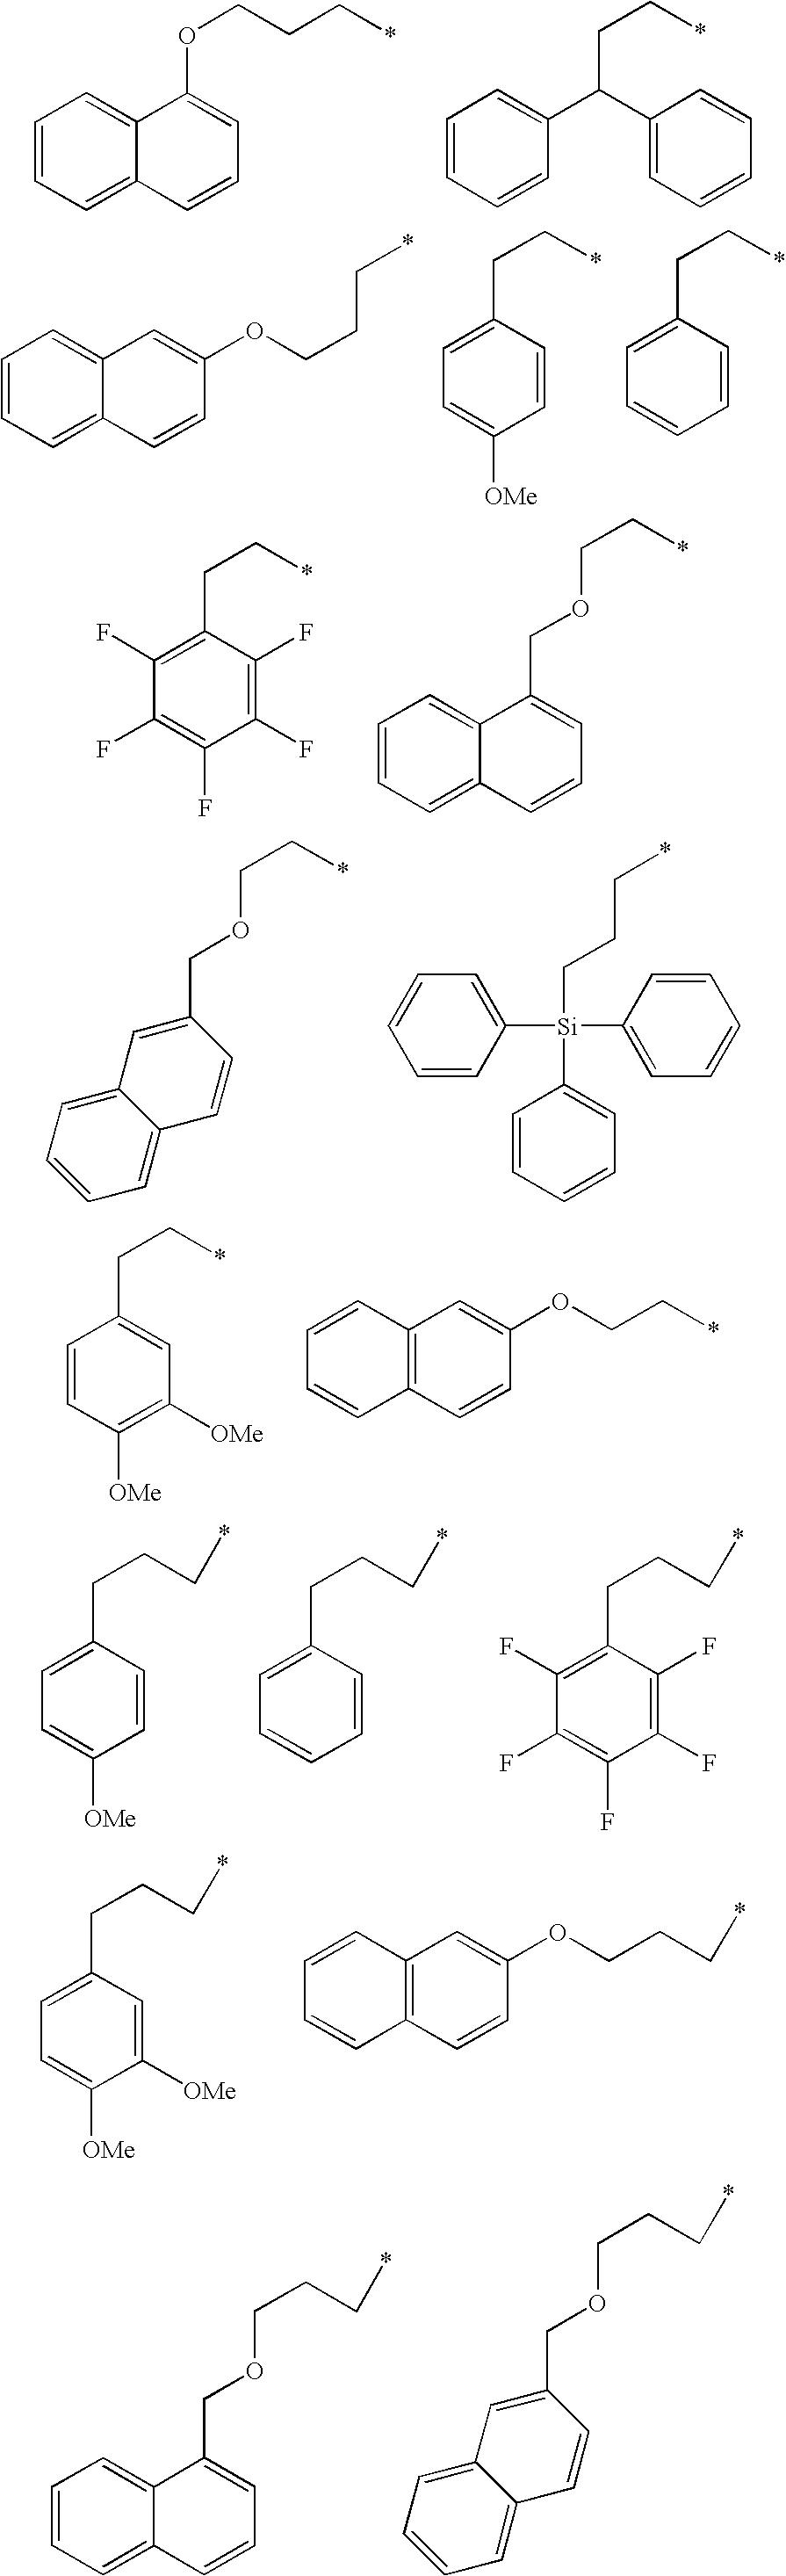 Figure US20050085611A1-20050421-C00013